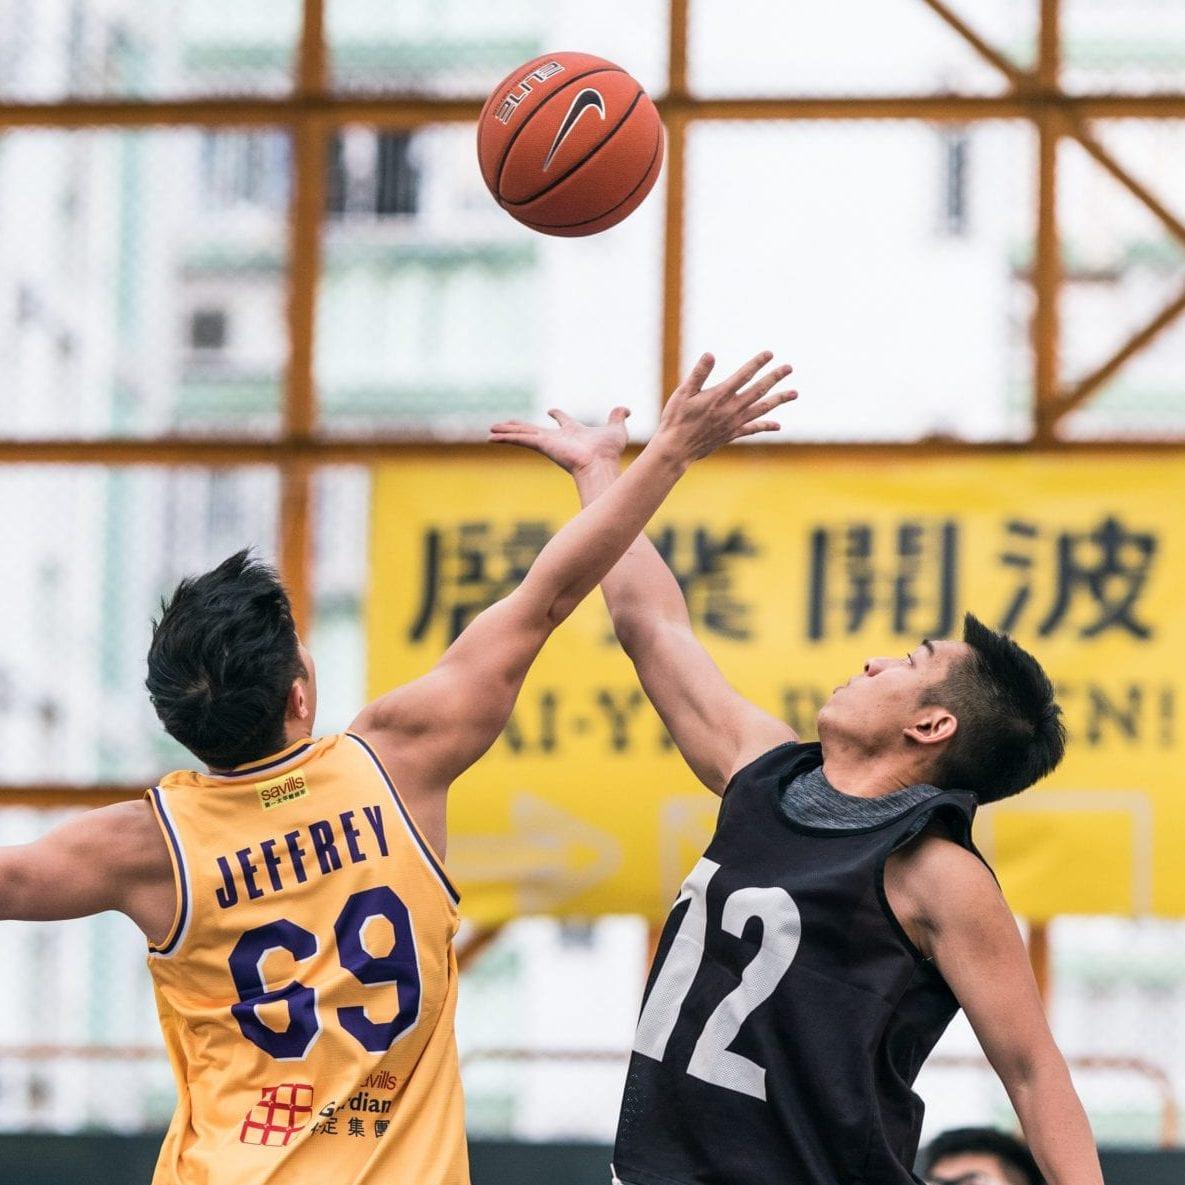 啓業運動塲開幕典禮暨慈善籃球賽